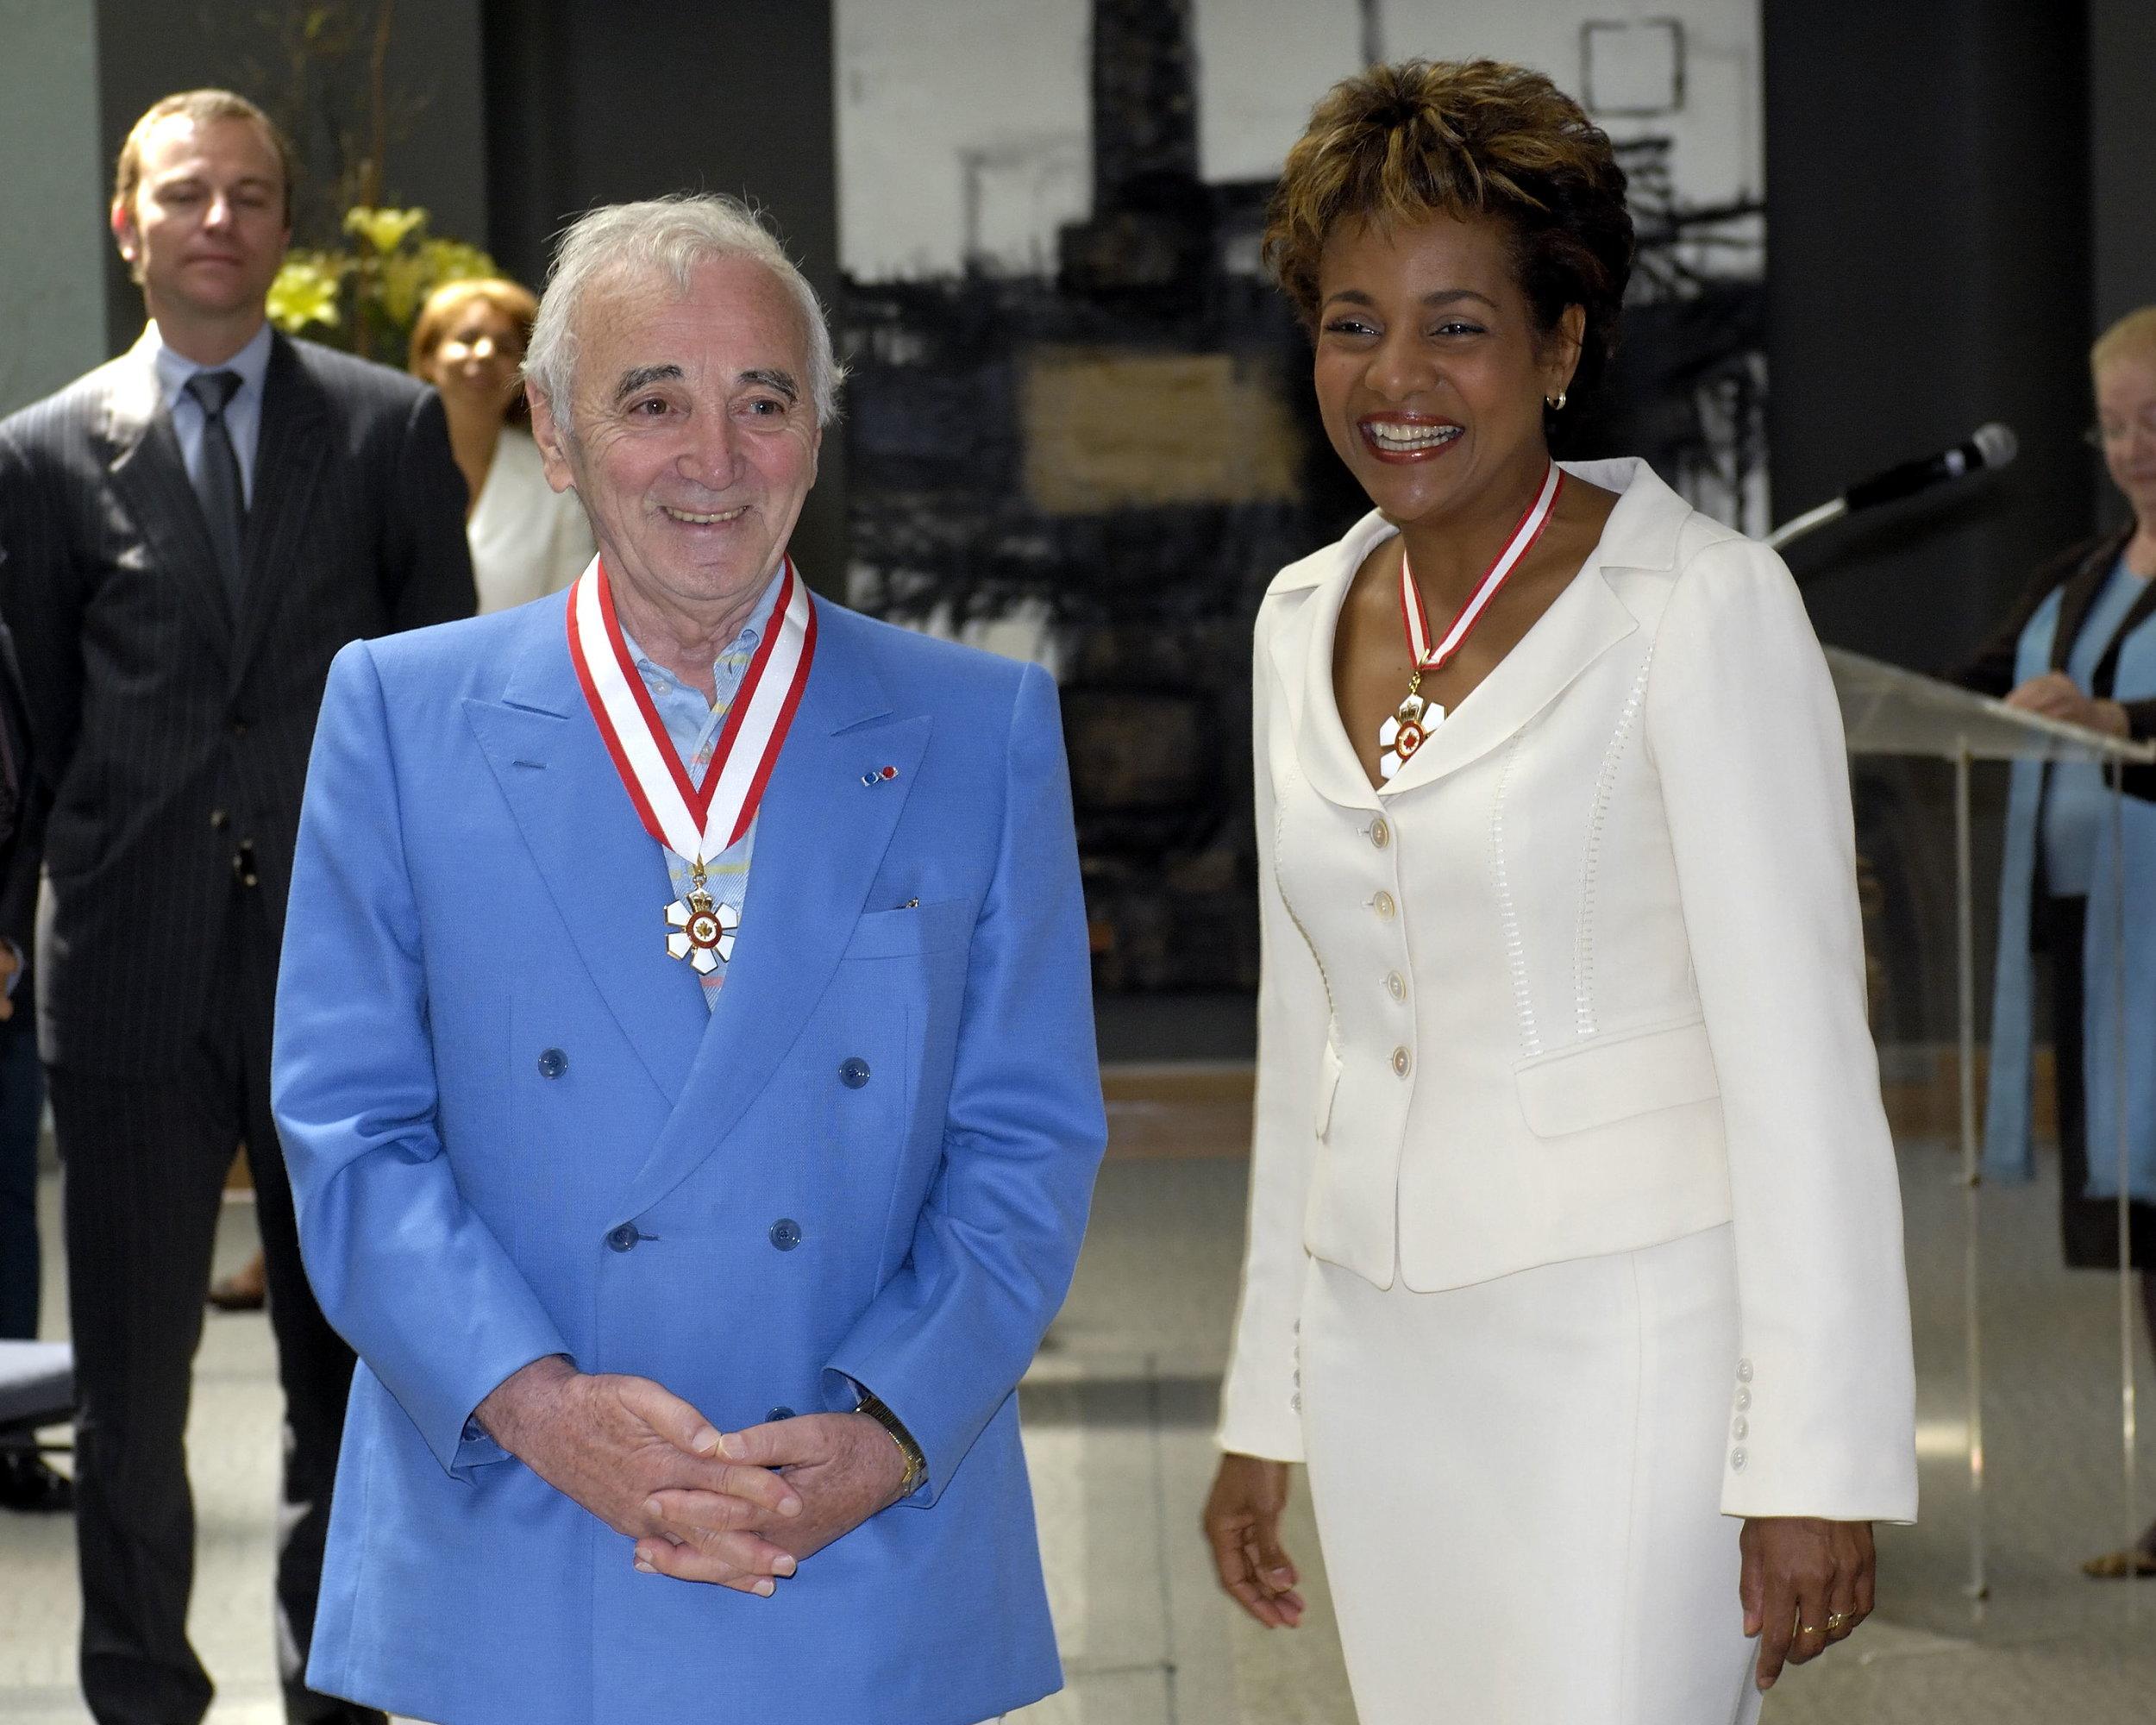 Avec Charles Aznavour. J'ai été heureuse d'investir en 2008 cet Arménien du monde au sein de l'Ordre du Canada. Toute la Francophonie s'apprêtait à le retrouver le 11 octobre au XVIIe Sommet de la Francophonie à Erevan, face au mont Ararat, pour chanter en chœur «La bohème» avec lui. Nous vous aimons Charles Aznavour !    Crédit photo : Rideau Hall.